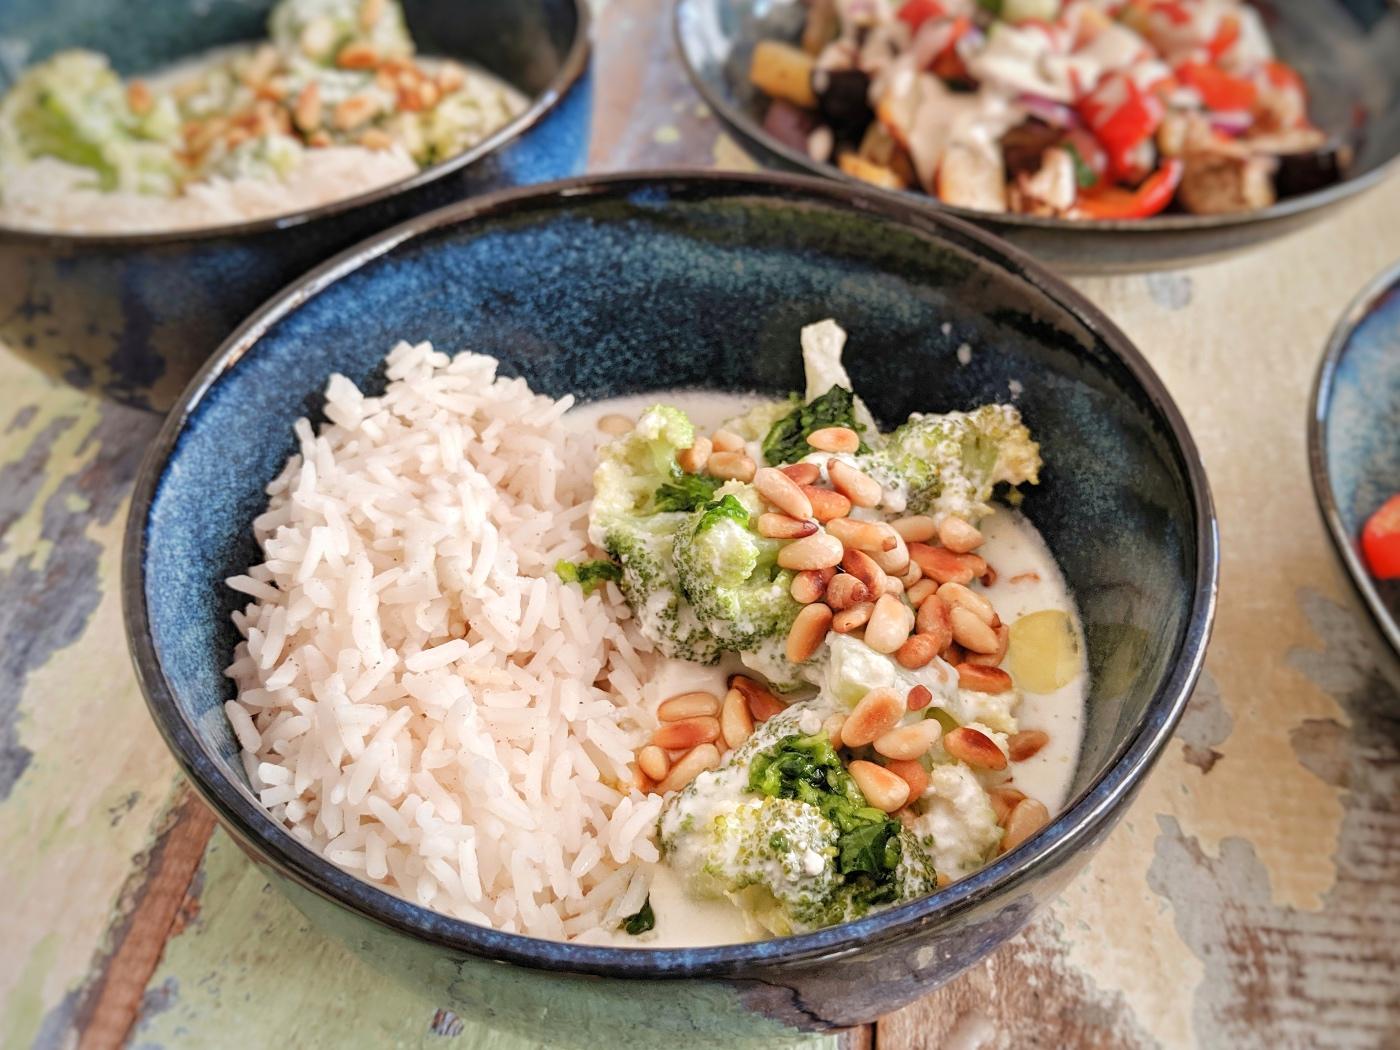 Broccoli recept met yoghurtsaus